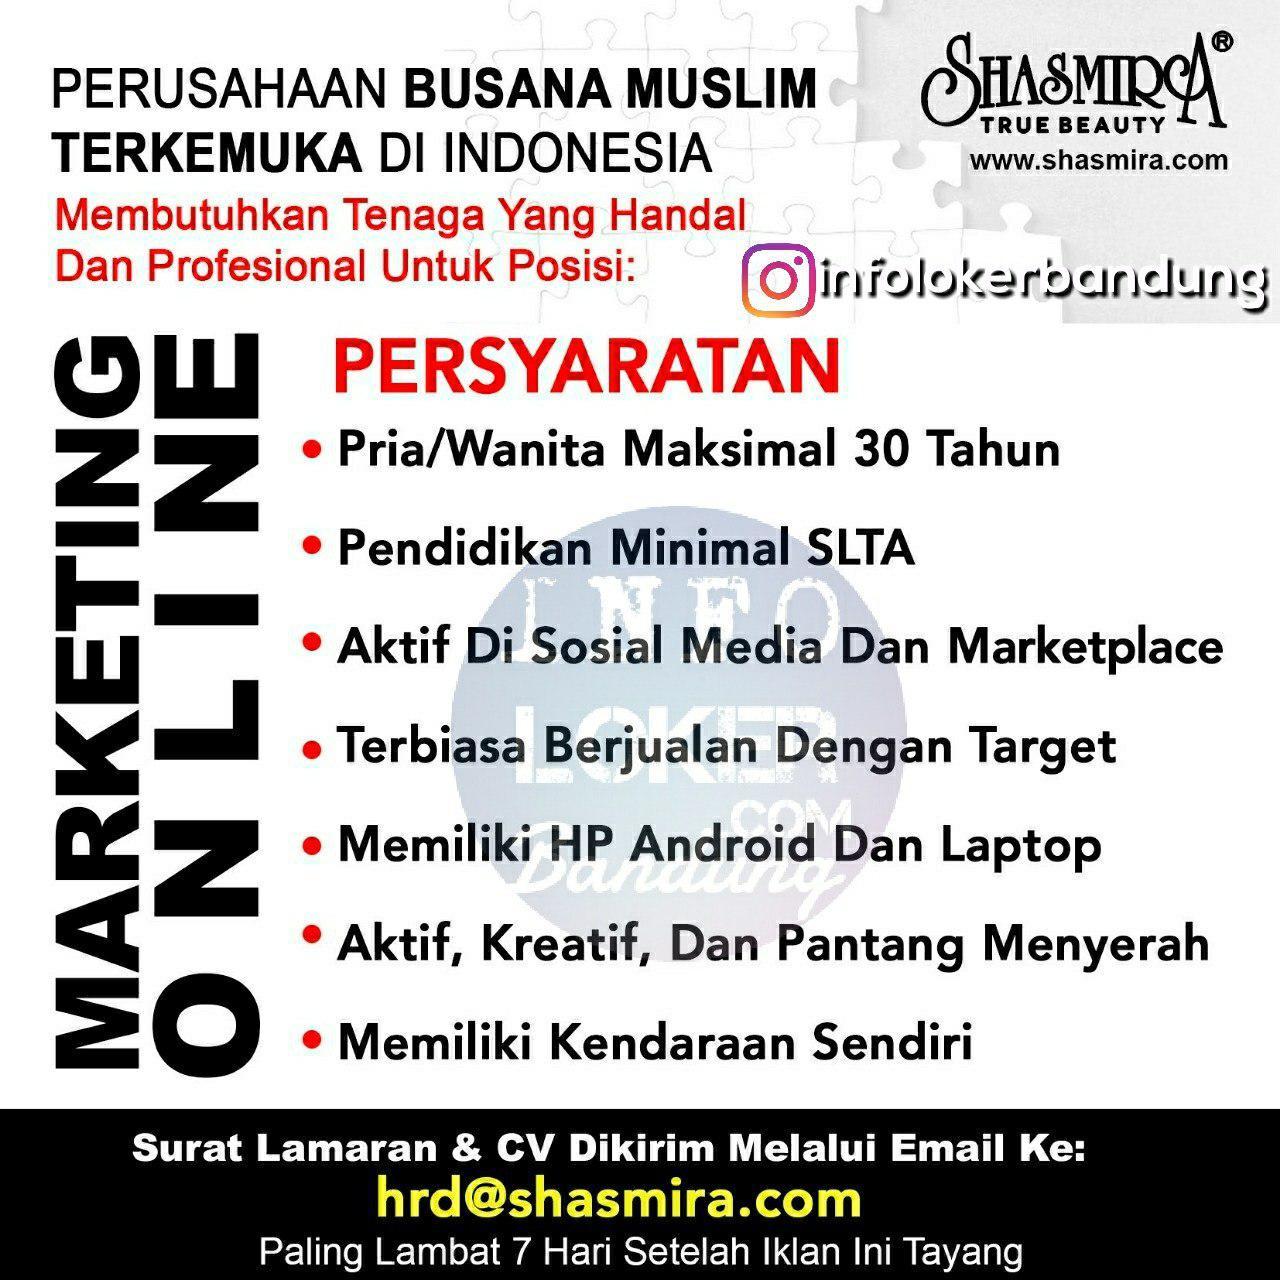 Lowongan Kerja Shasmira Busana Muslim Bandung April 2018